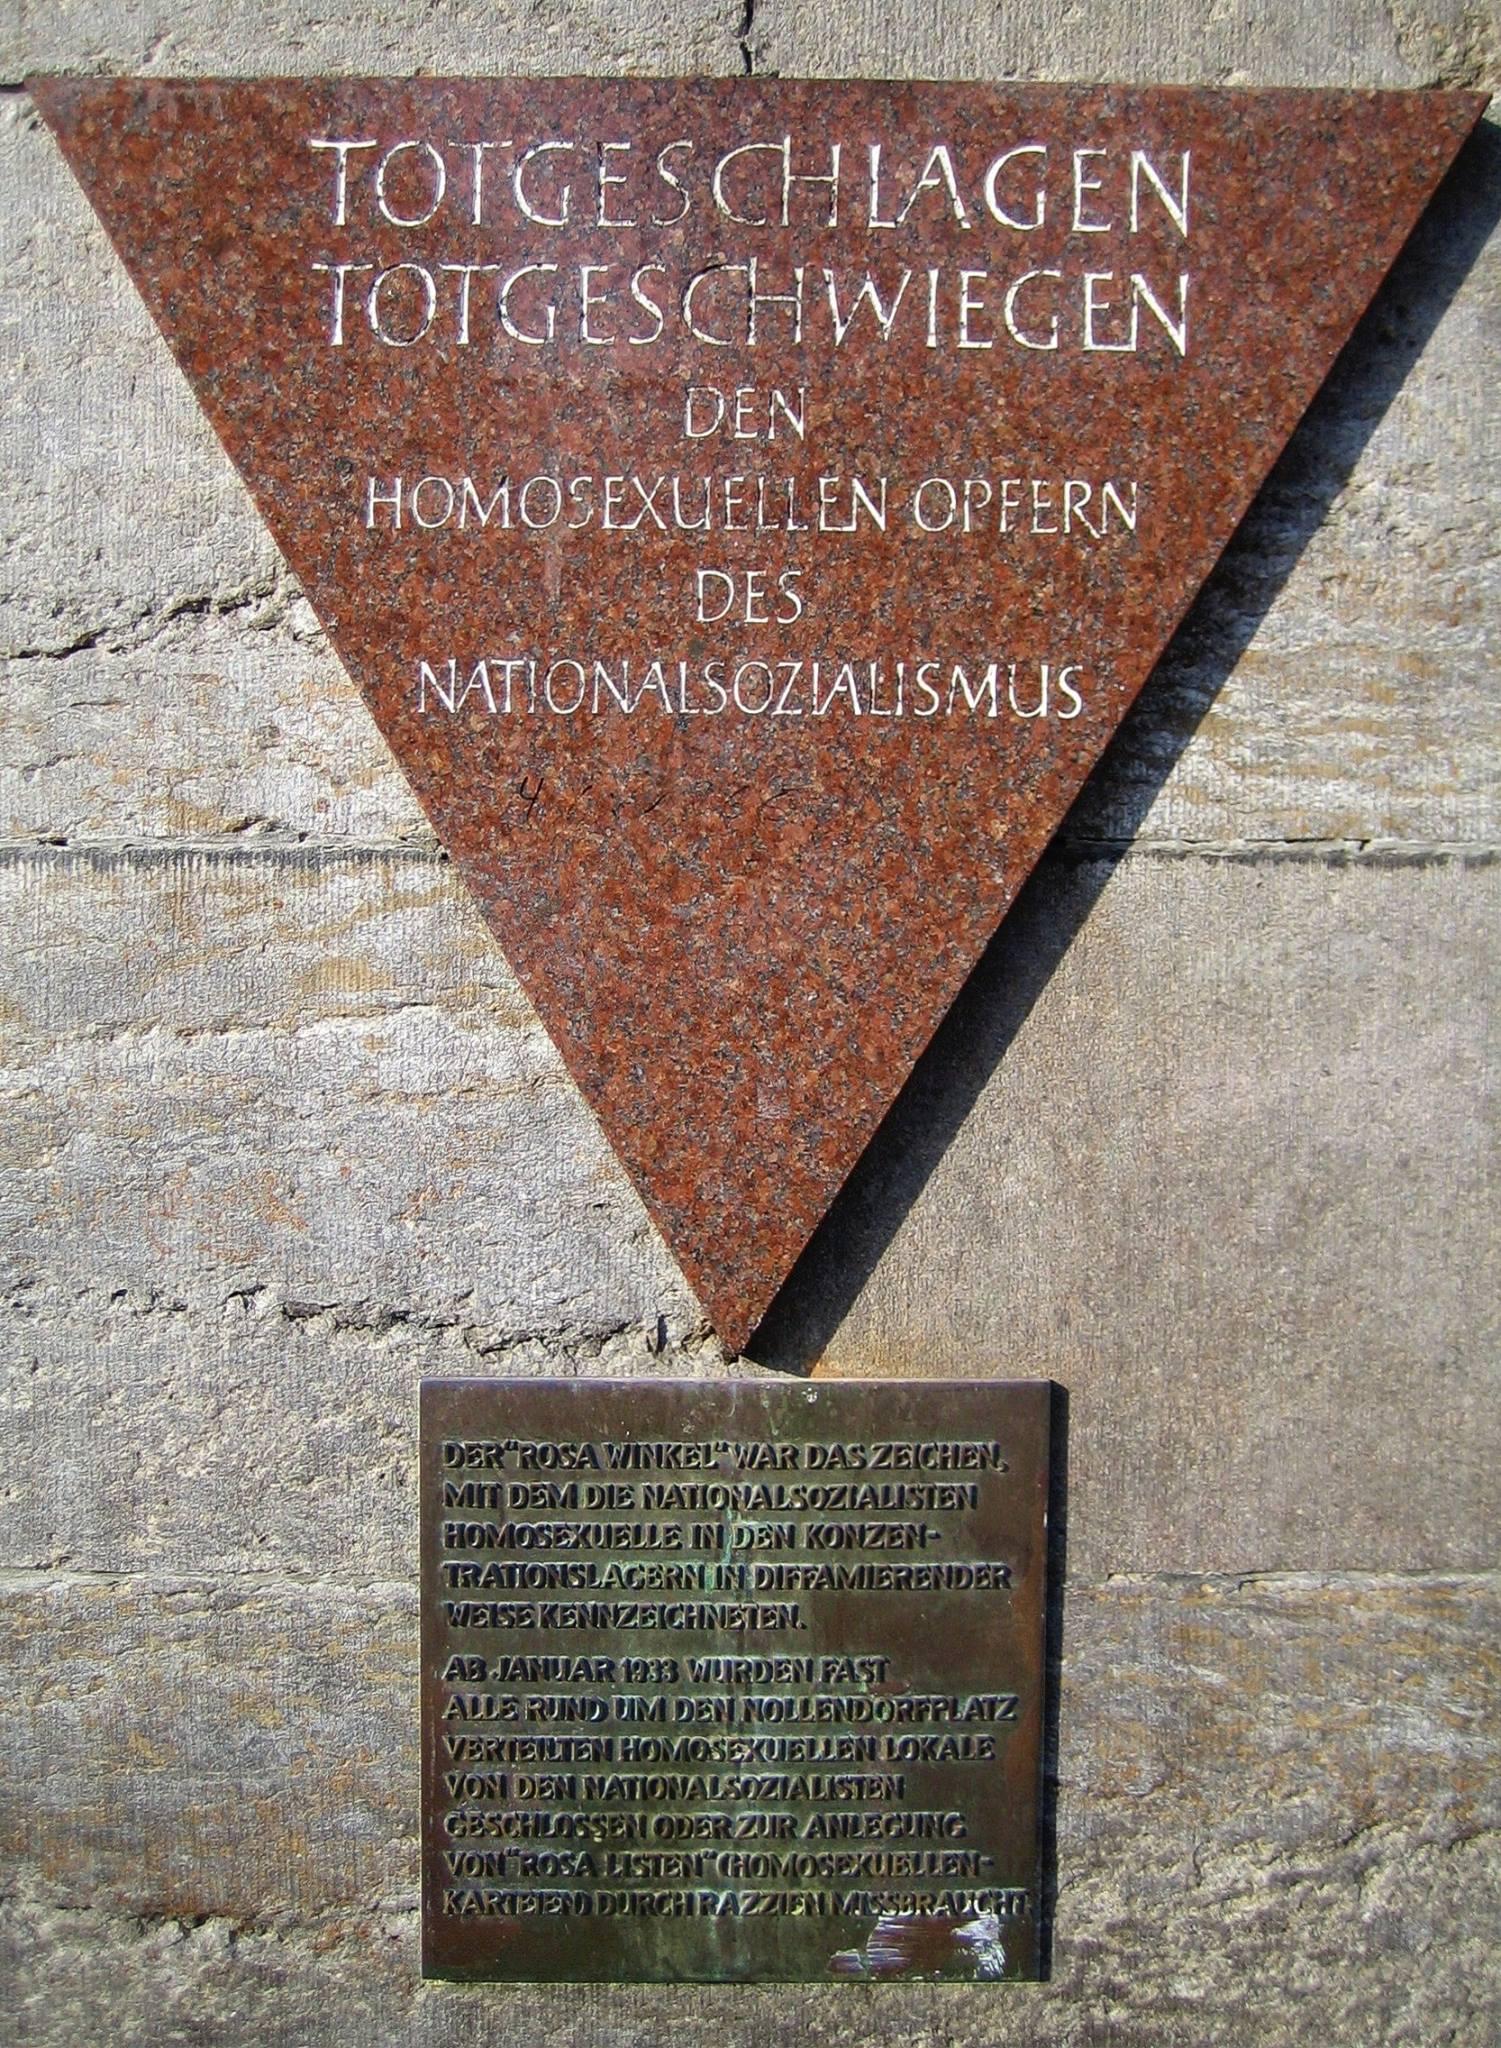 Totgeschlagen-Totgeschwiegen. Die Gedenktafel für die homosexuellen Opfer des Nationalsozialismus am Nollendorf Platz in Berlin. Foto: Manfred Brueckels